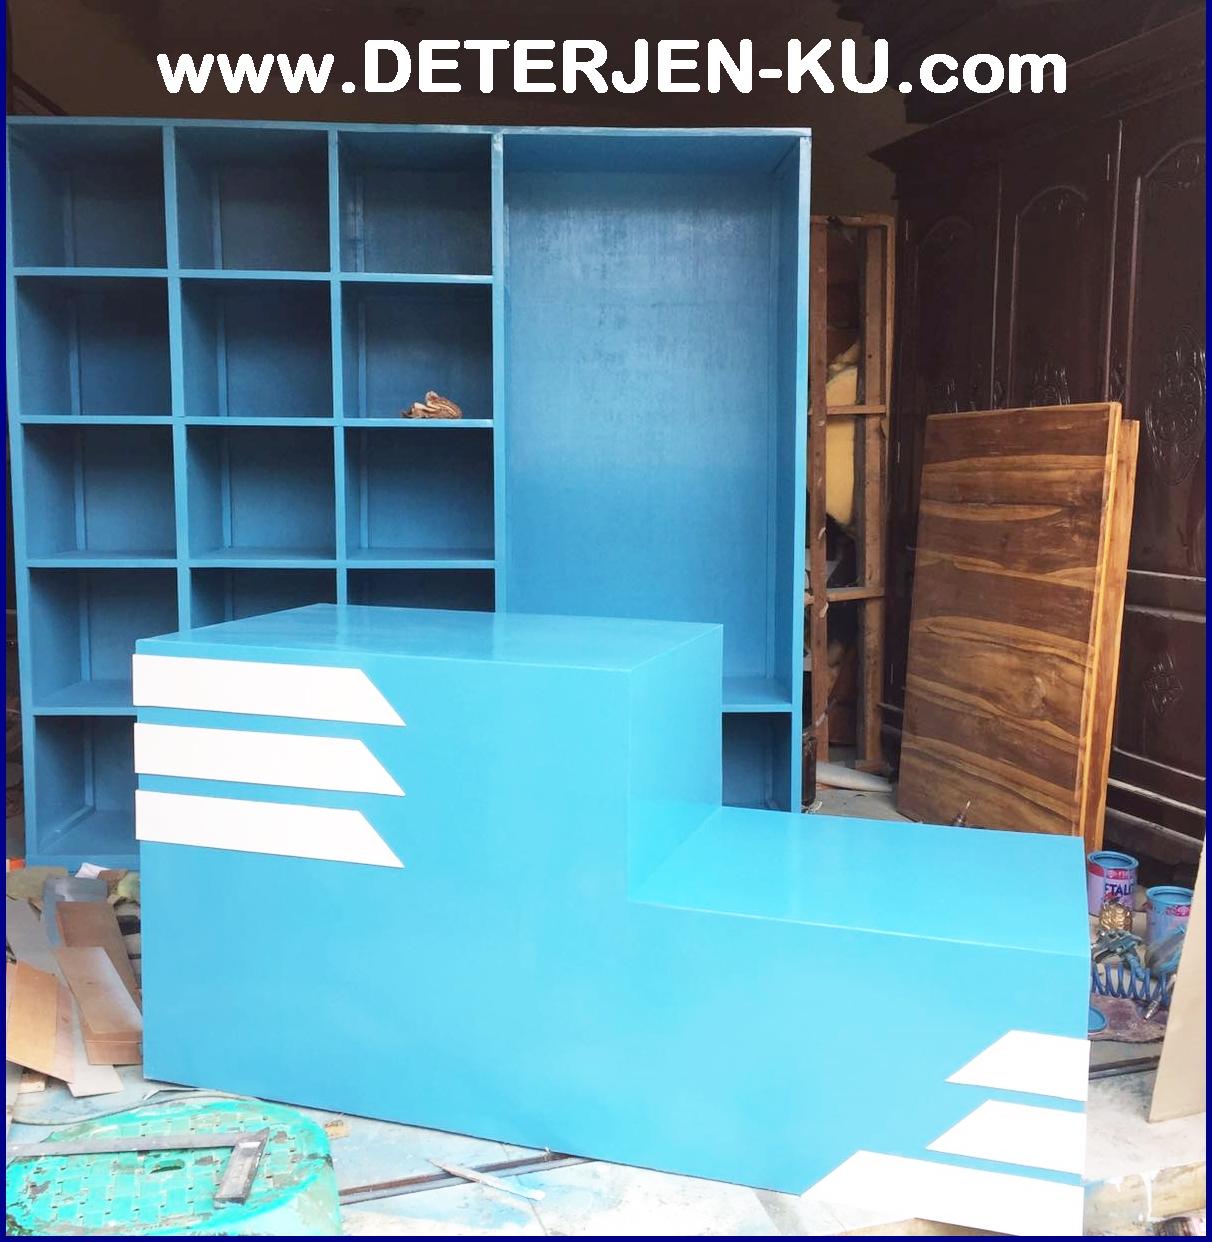 Furniture Laundry Meja Lemari Deterjens Solution Pakaian Baju Rak Kain